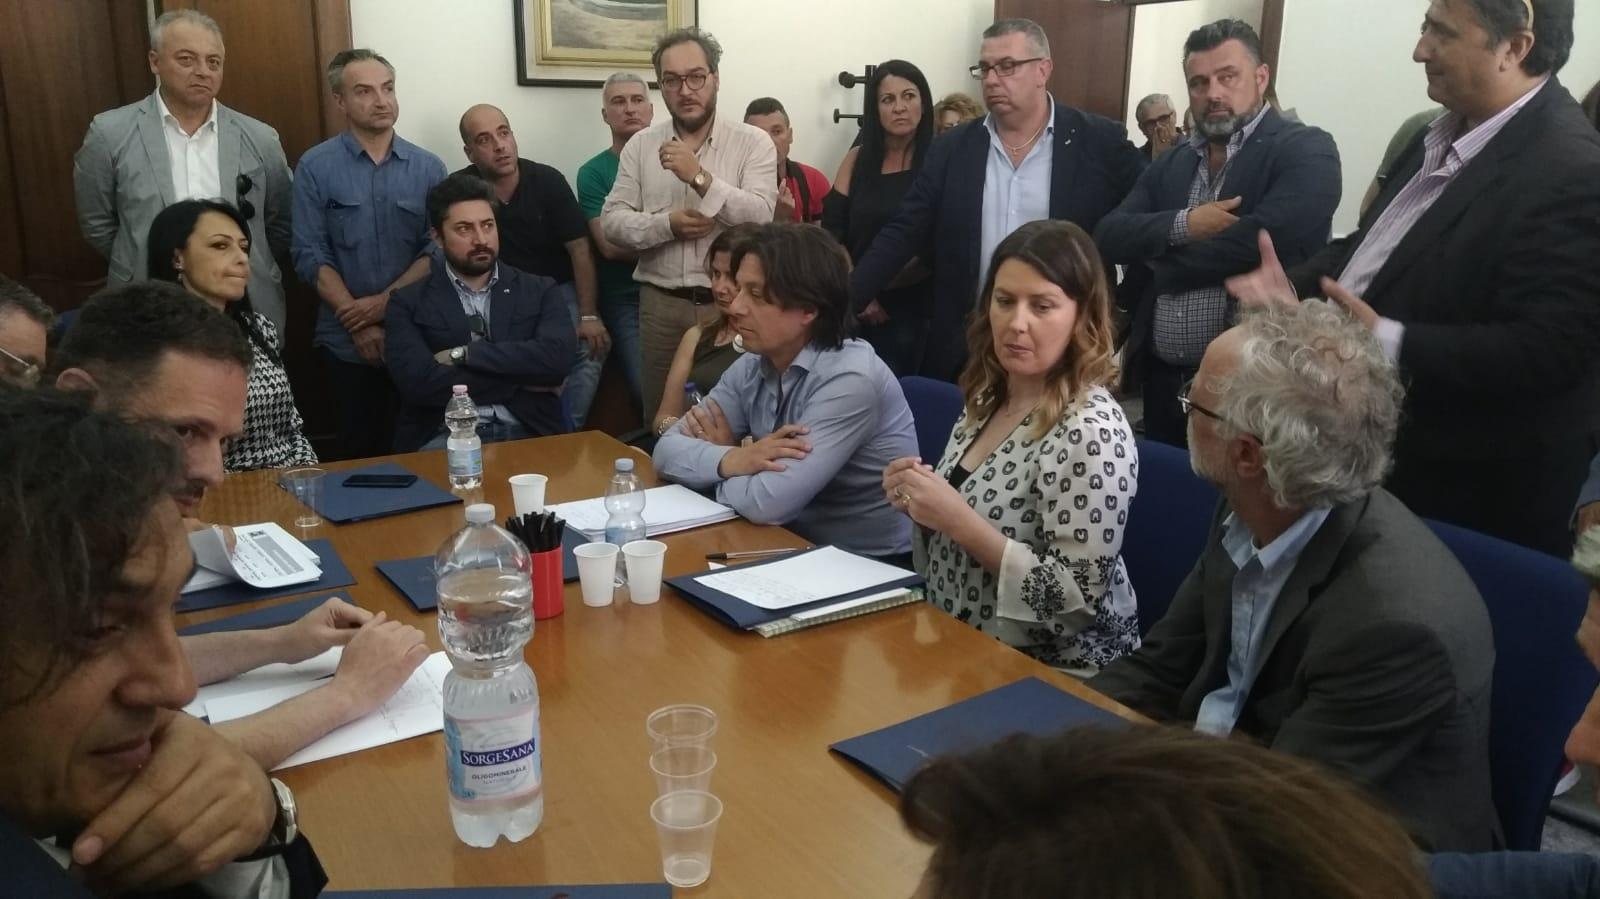 Licenziamenti Ipercoop Avellino, vertice alla Regione Campania